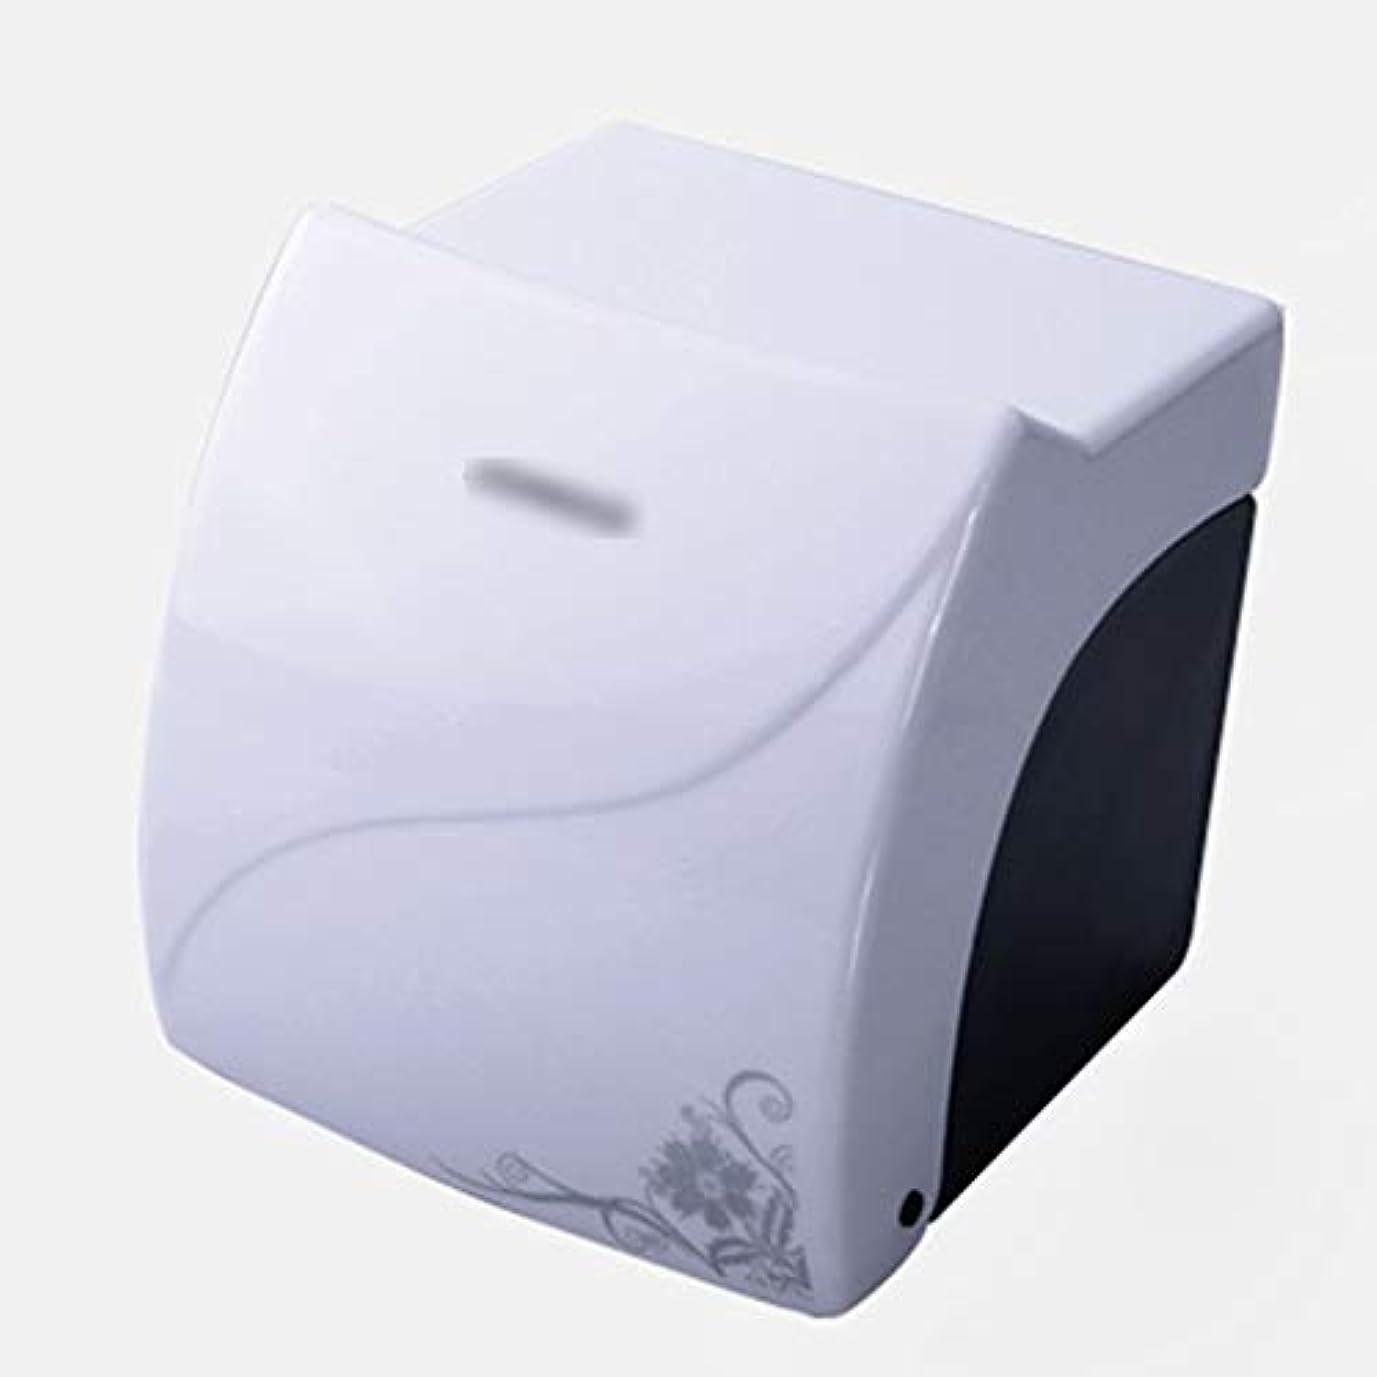 アクティビティ洗練シェードZZLX 紙タオルホルダー、高品質ABS防水ティッシュボックストイレットペーパーボックスペーパーホルダー ロングハンドル風呂ブラシ